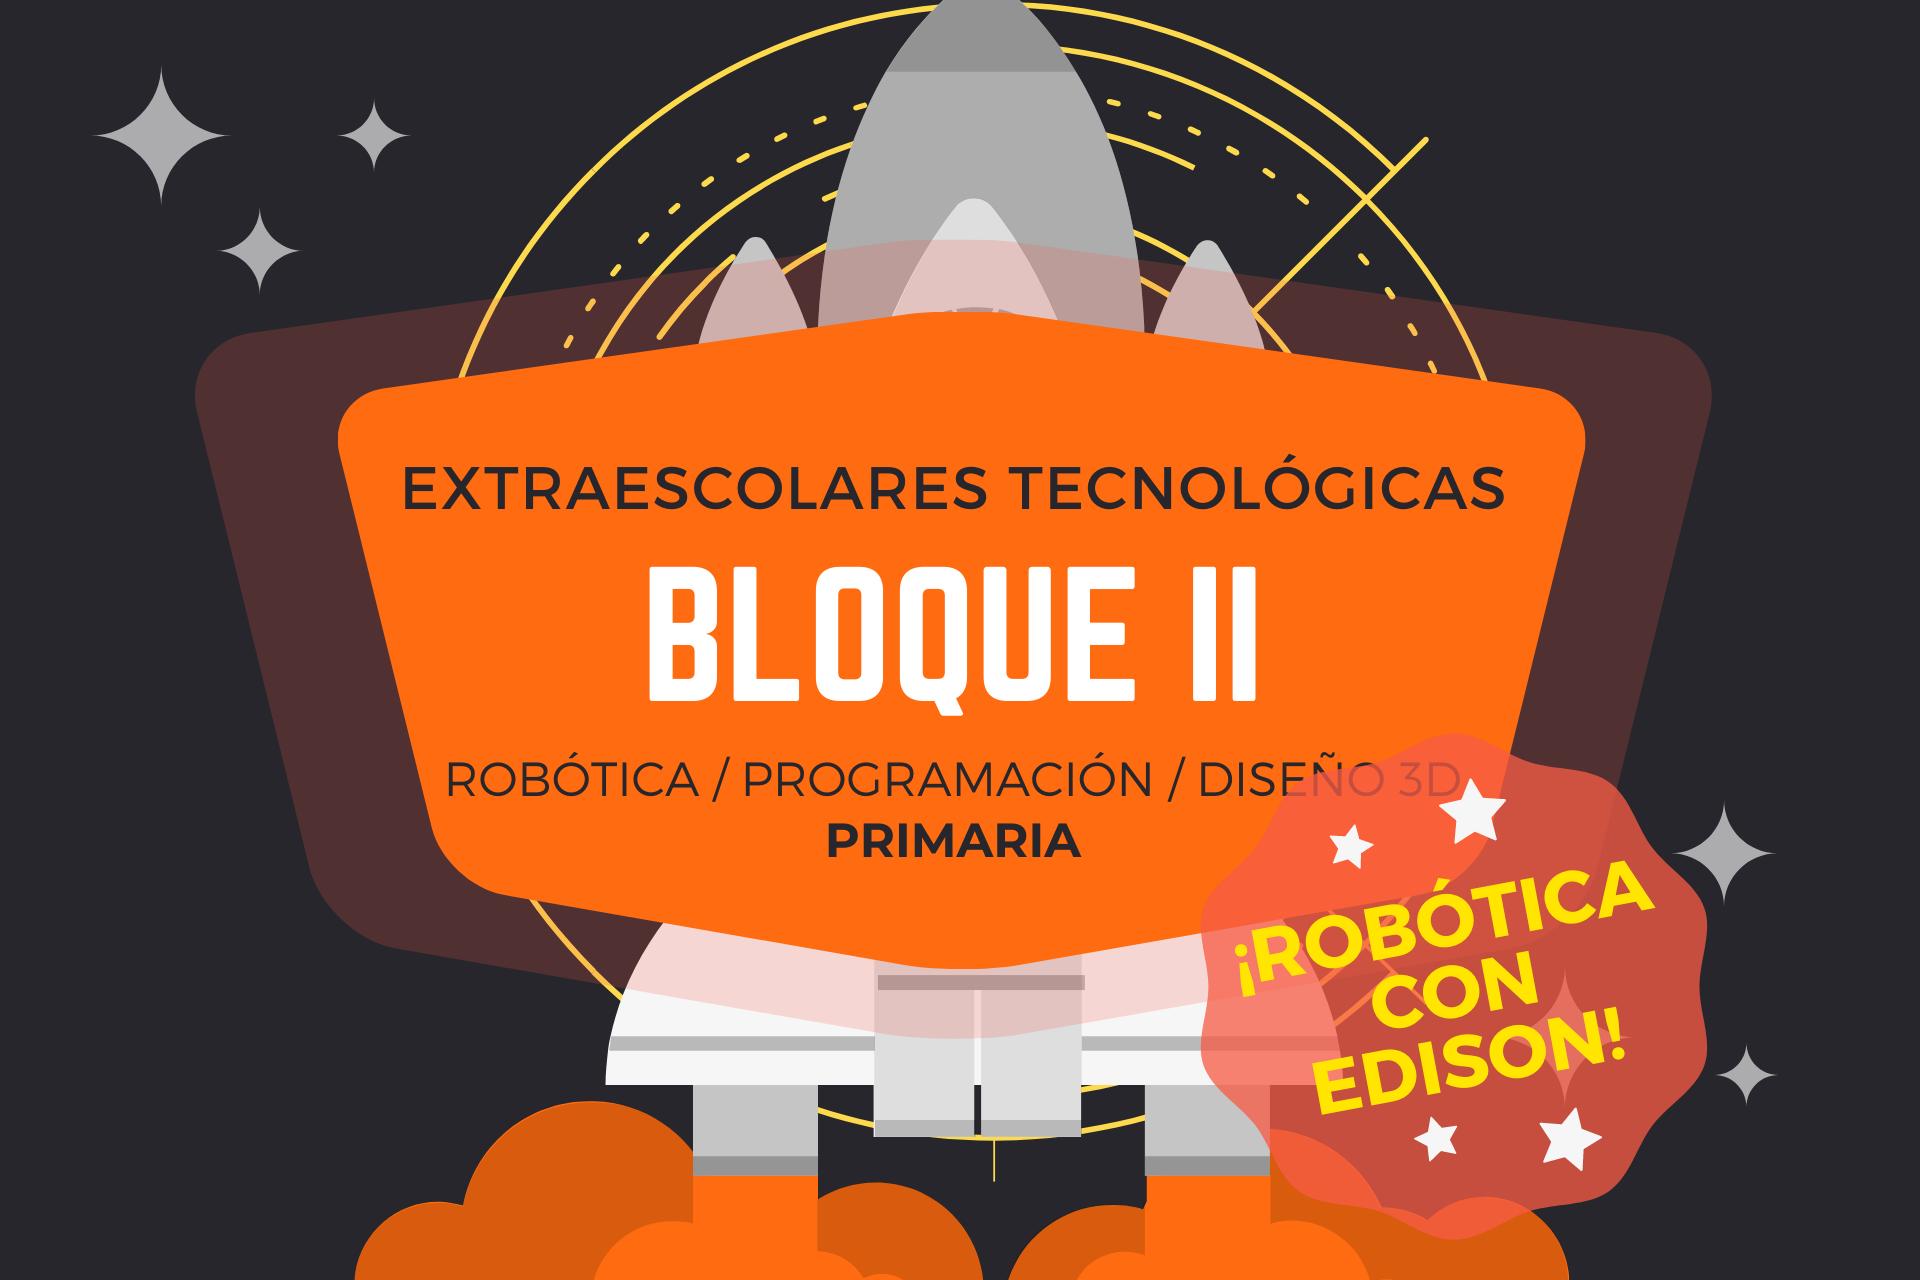 BLOQUE II